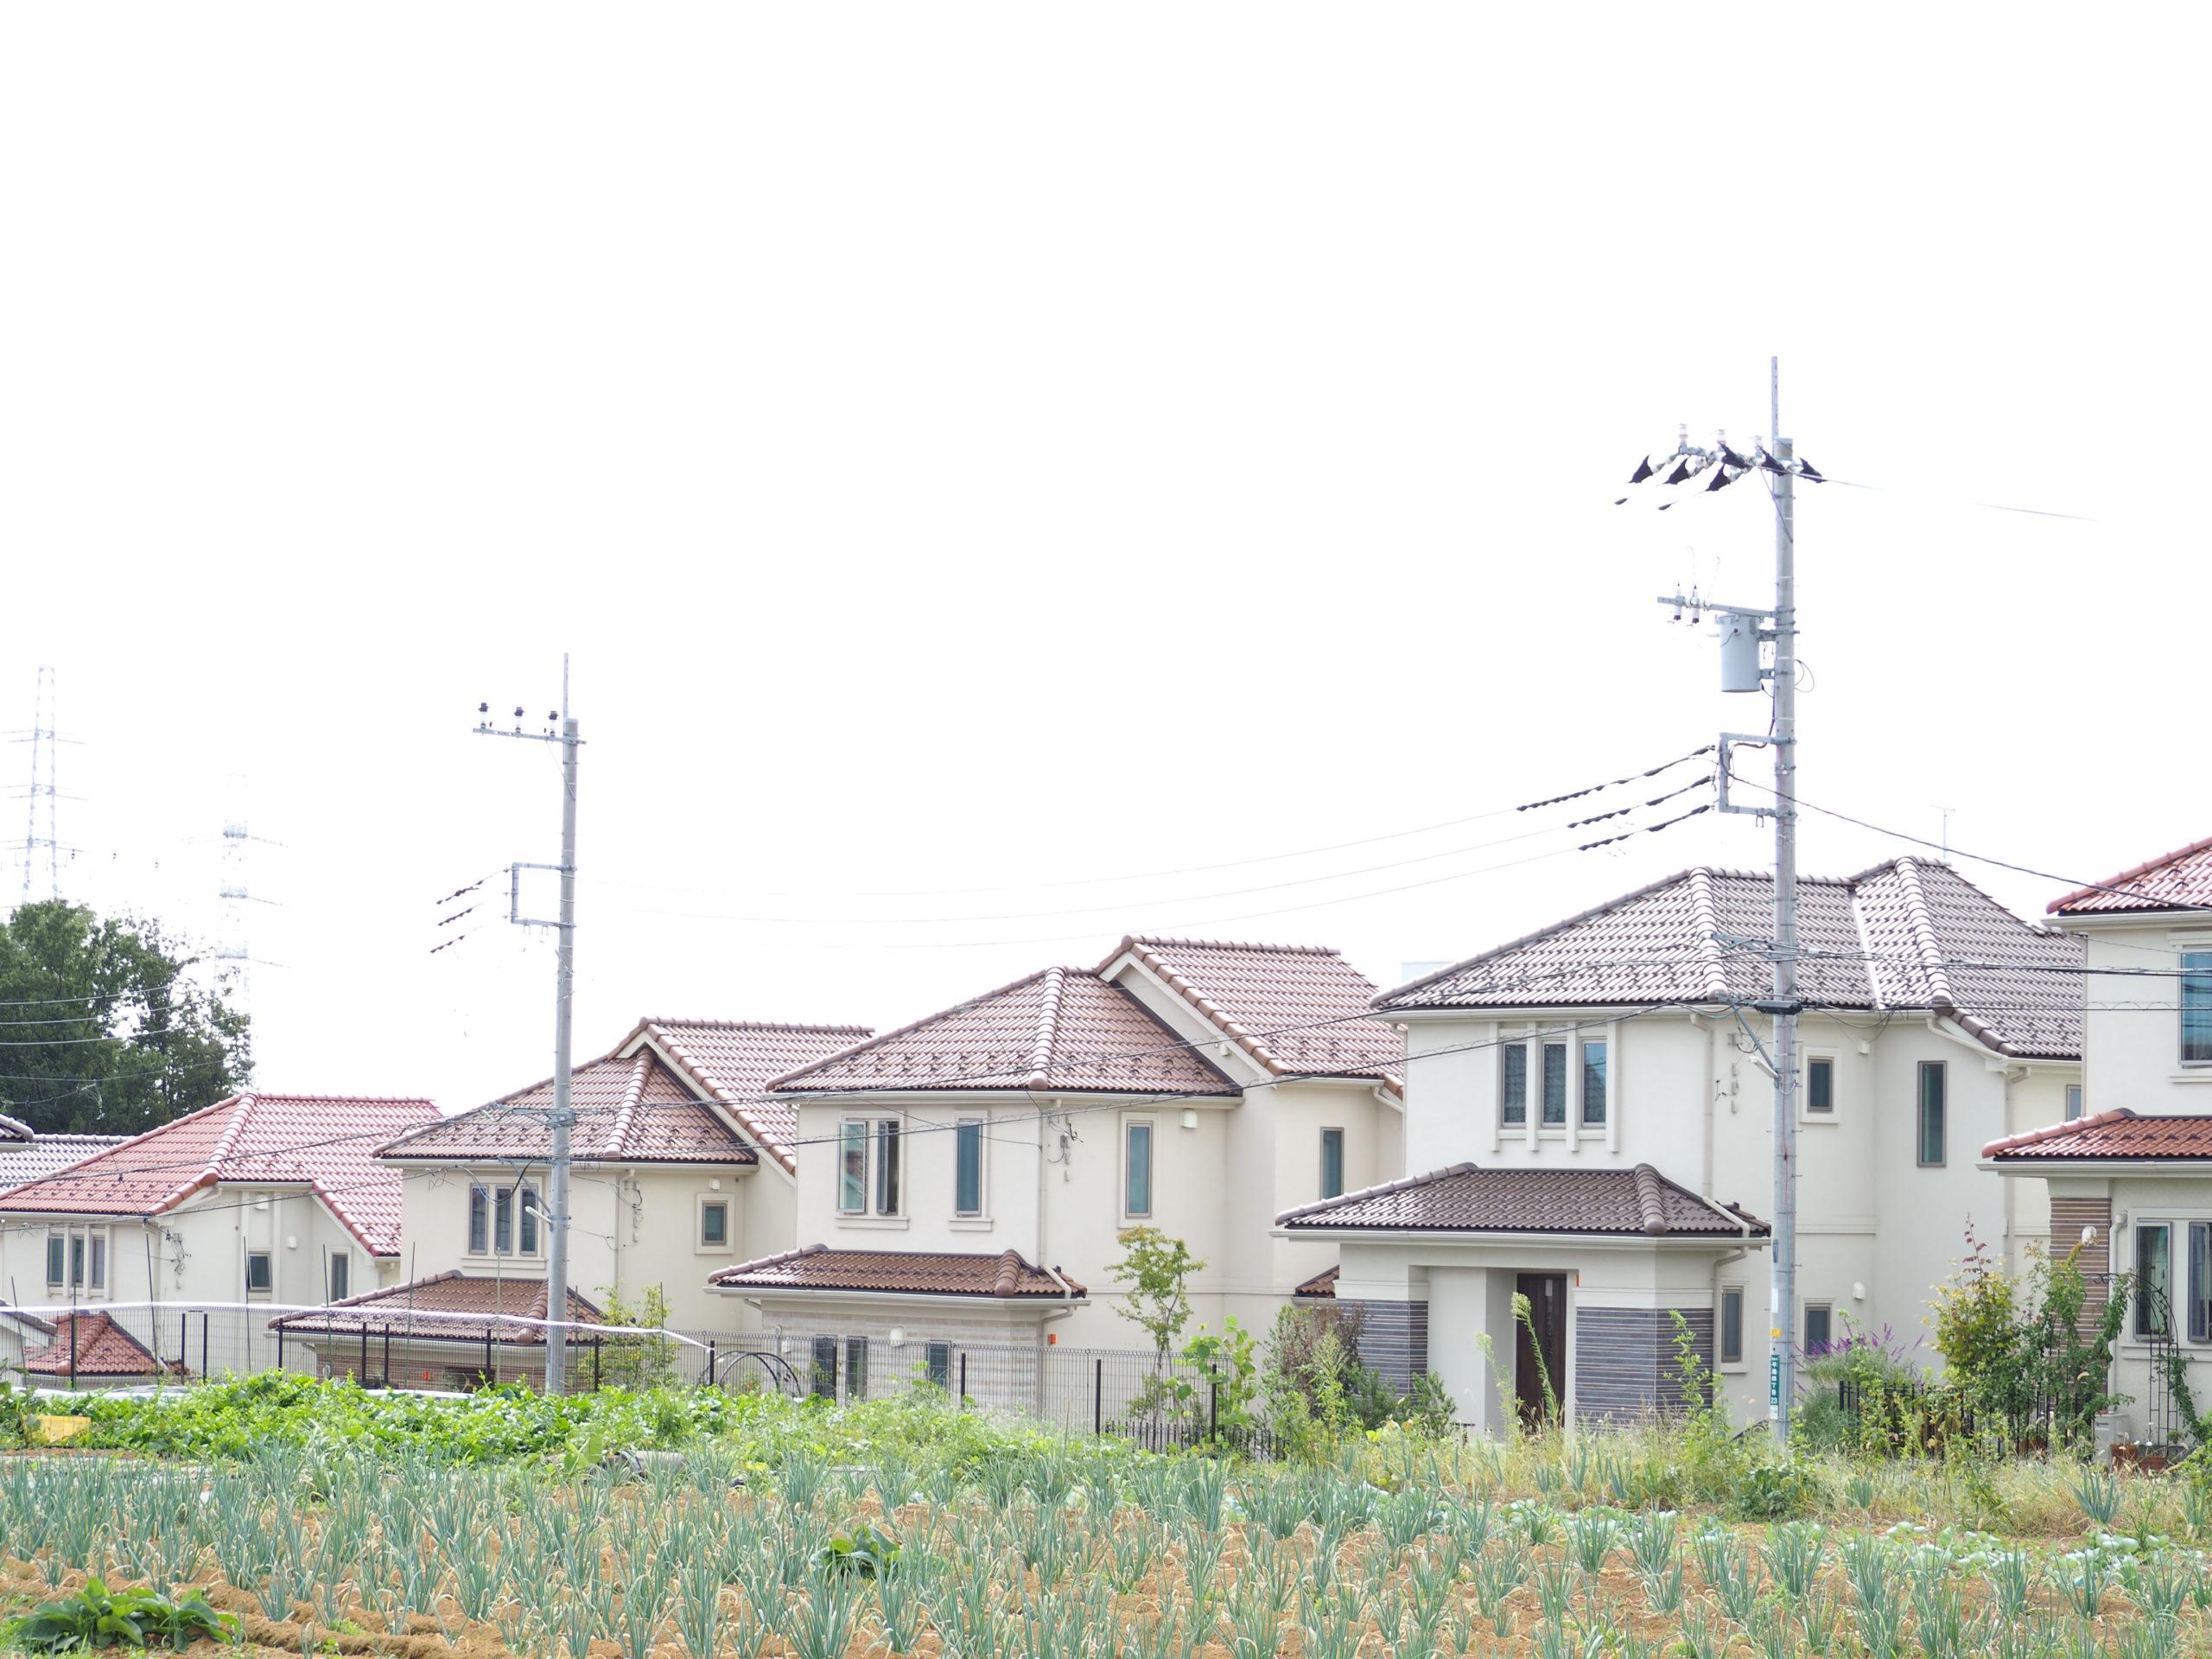 住宅購入の検討、コロナ影響なしが半数―野村不動産アーバンネット、条件変更はエリアが最多